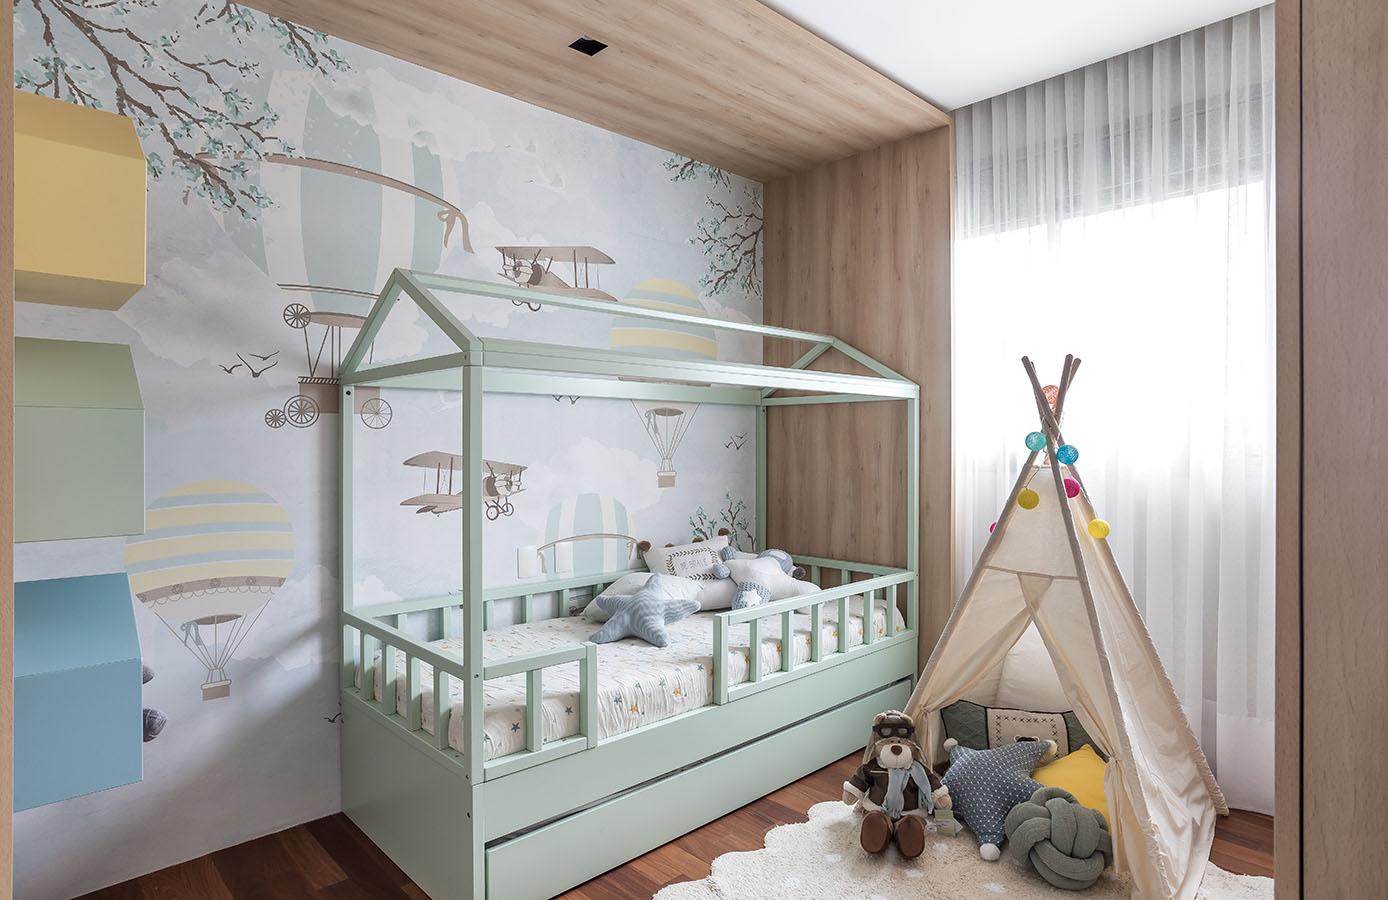 Arquiteto_Curitiba_Arquiteta_AlessandraGandolfi_Residência_TD_Interiores_16